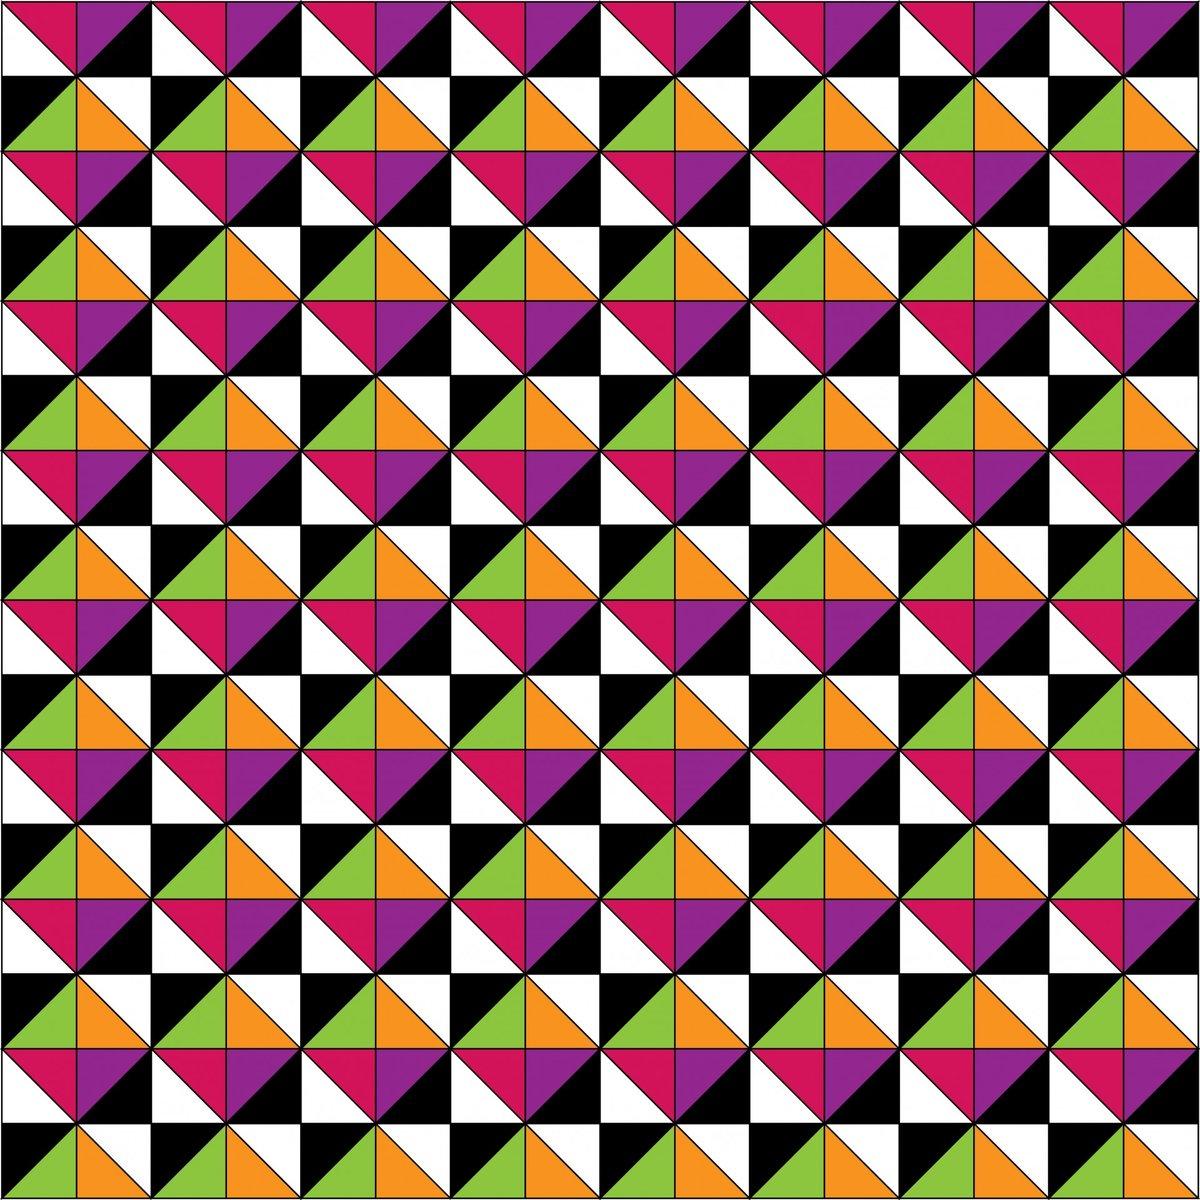 бесплатно цветные геометрические узоры картинки речь пойдет